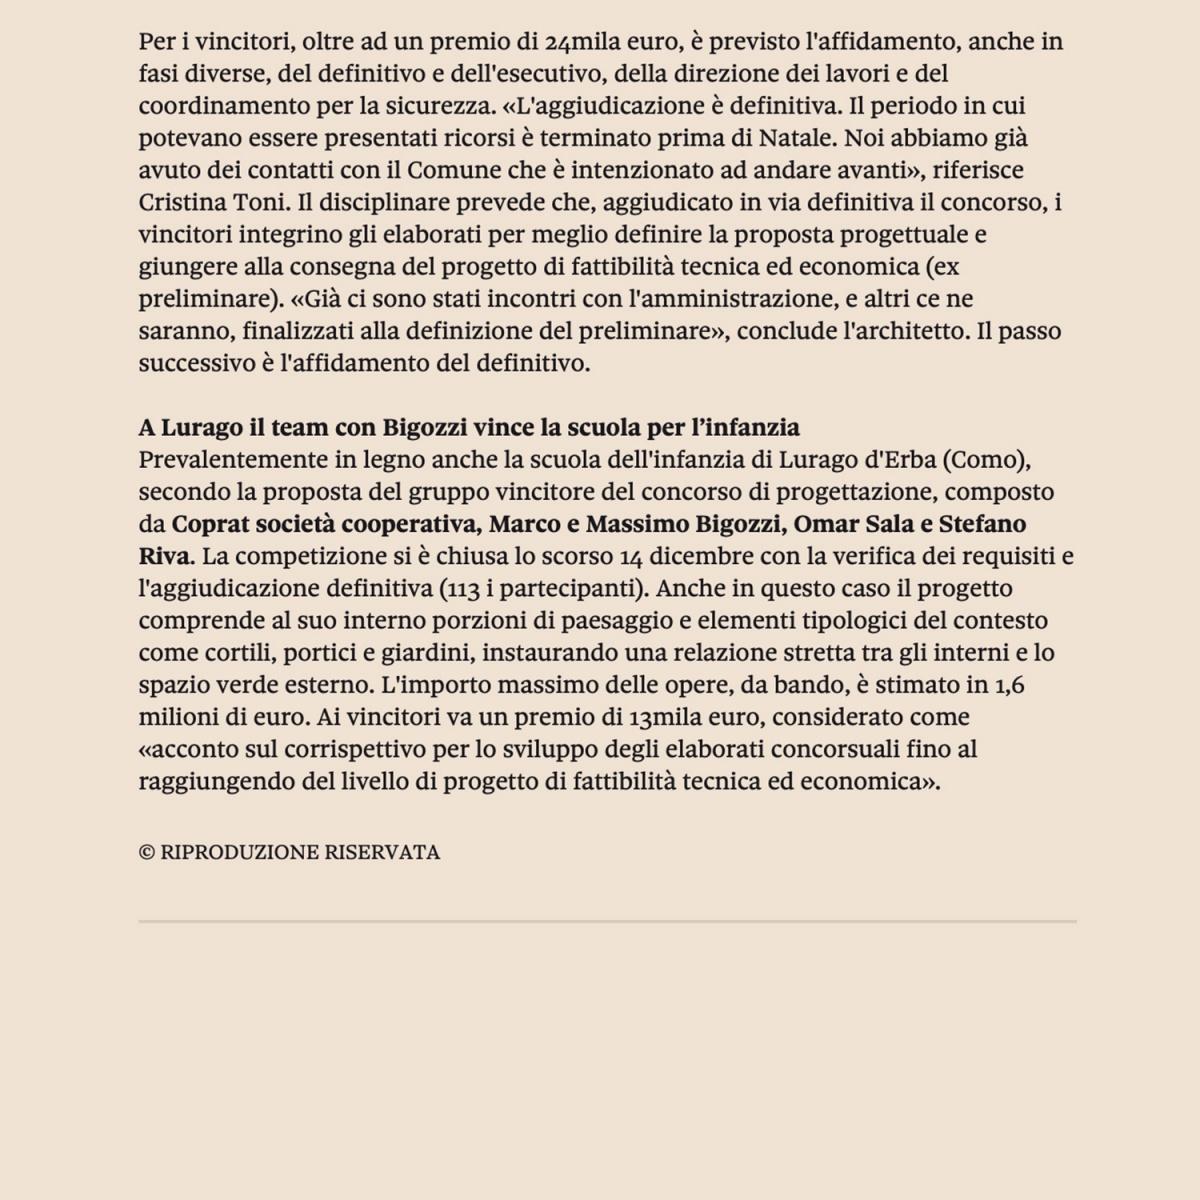 concorso polo scolastico scuola rosignano livorno vinvitore concorso ldaimda pubblicato su sole 24ore edilizia e territorio mariagrazia barletta